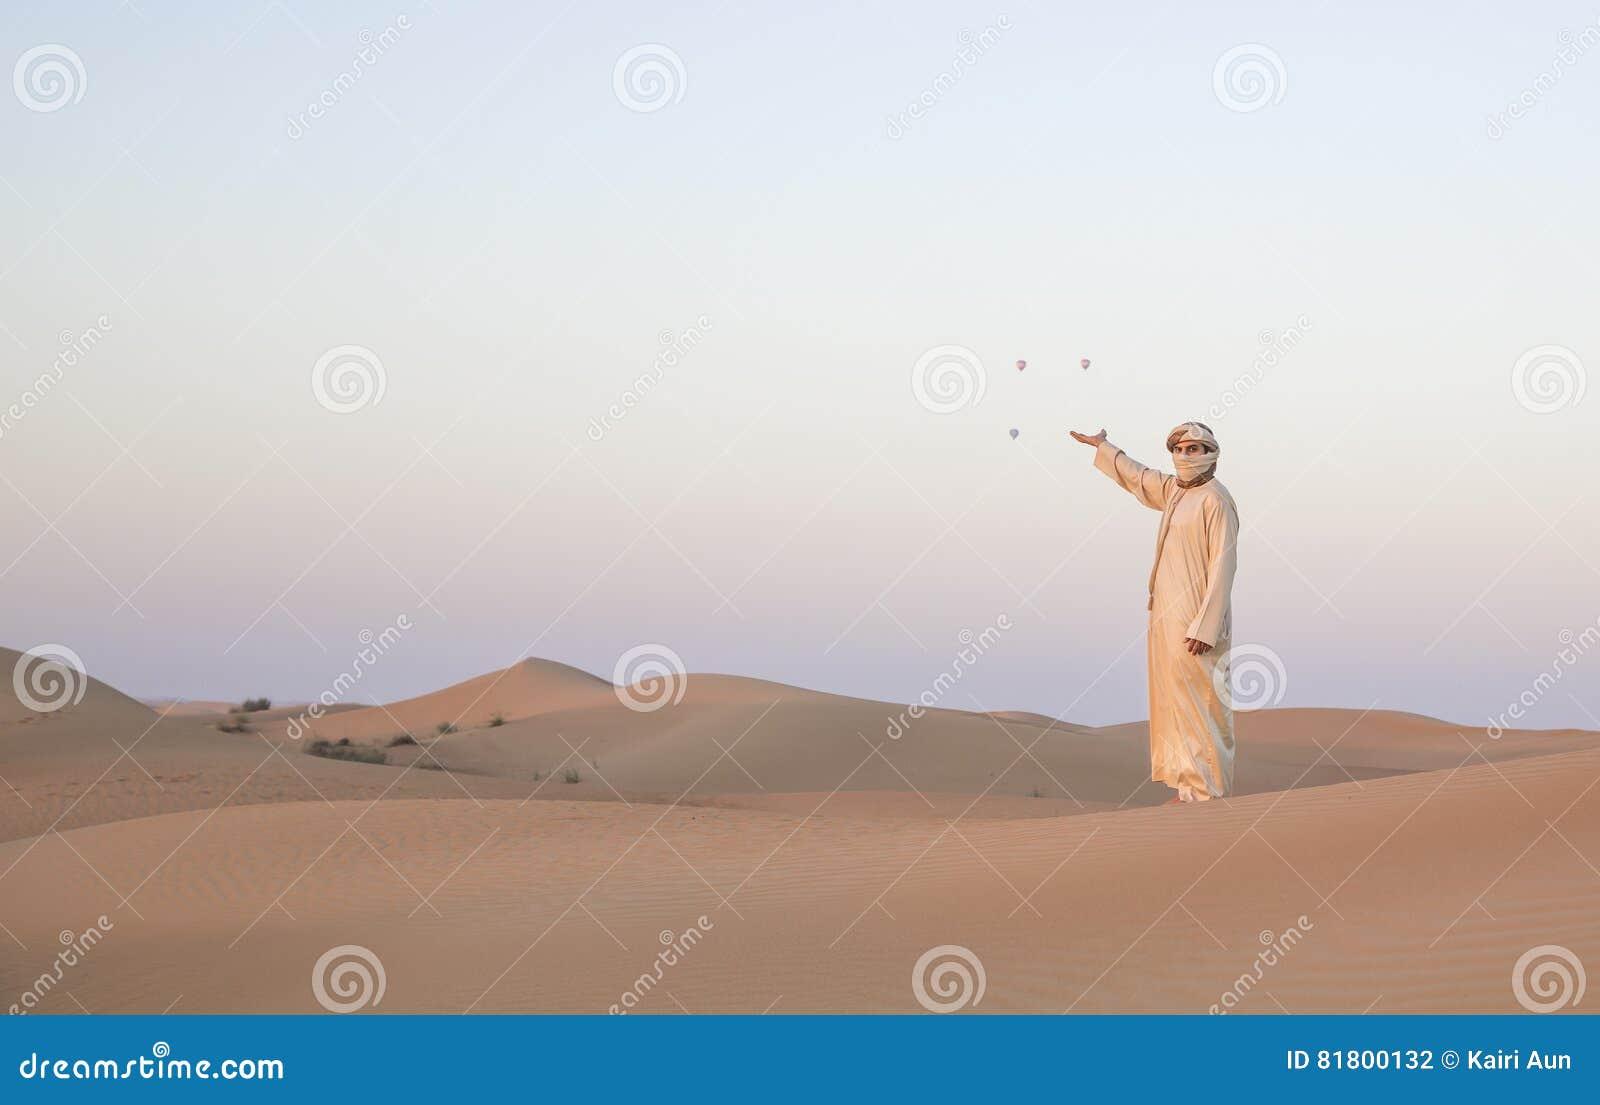 Homme dans l équipement traditionnel dans un désert près de Dubaï